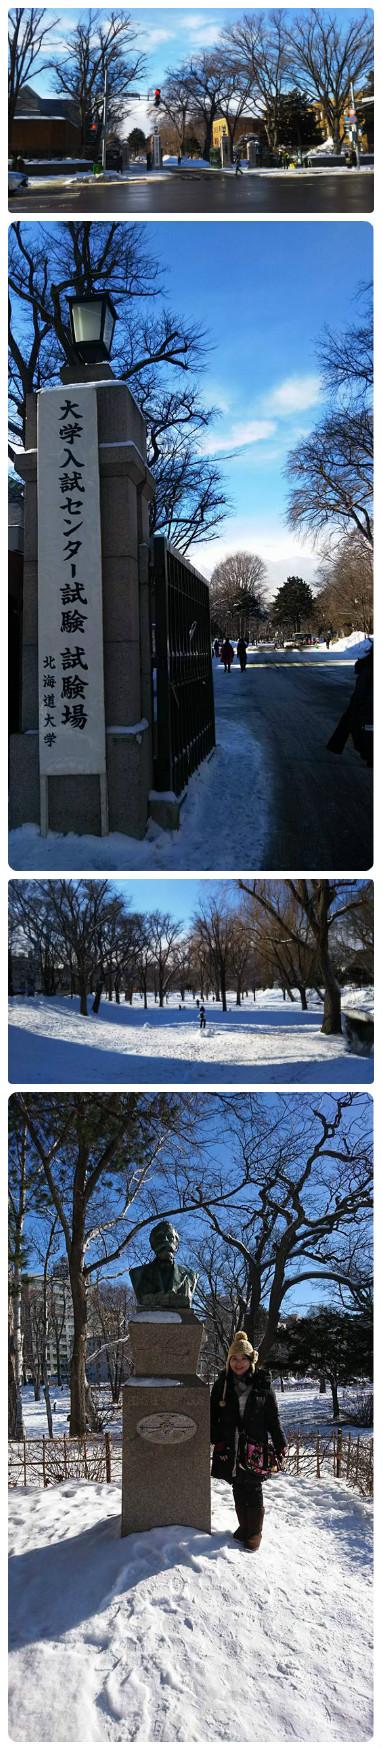 平成30年1月12日北海道大学1